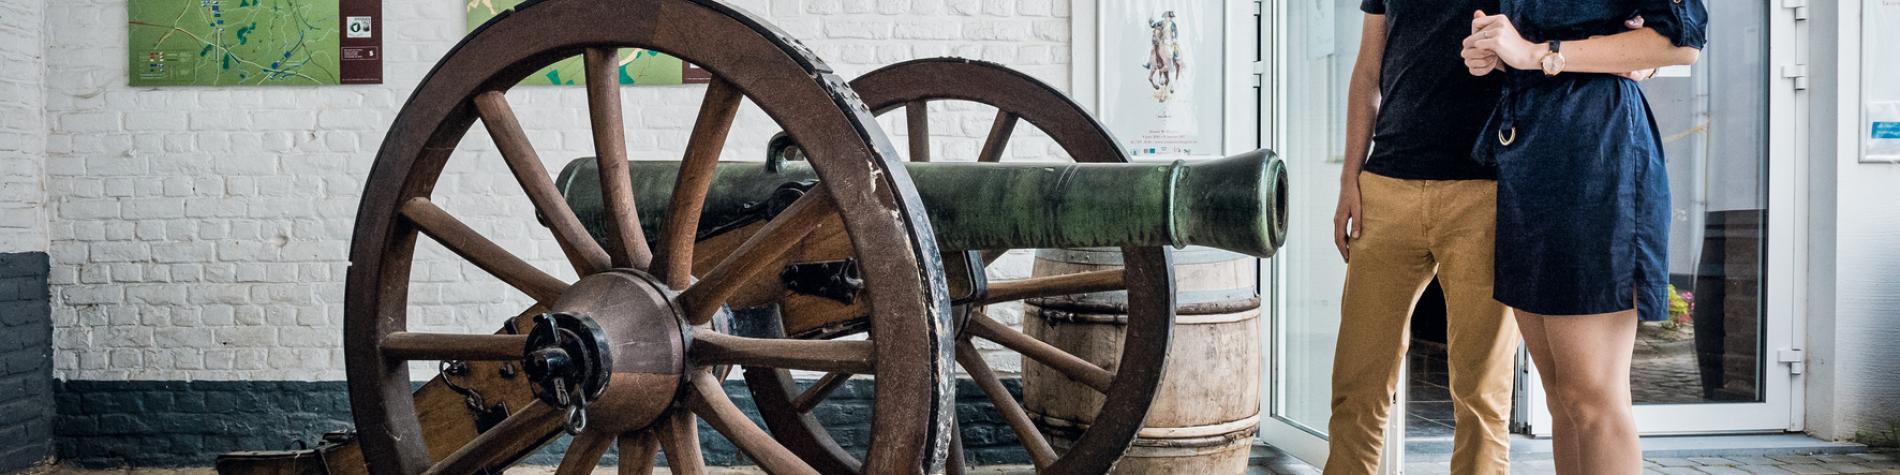 Visitare il Museo Wellington sulla Battaglia di Waterloo - Provincia del Brabante Vallone (Vallonia)